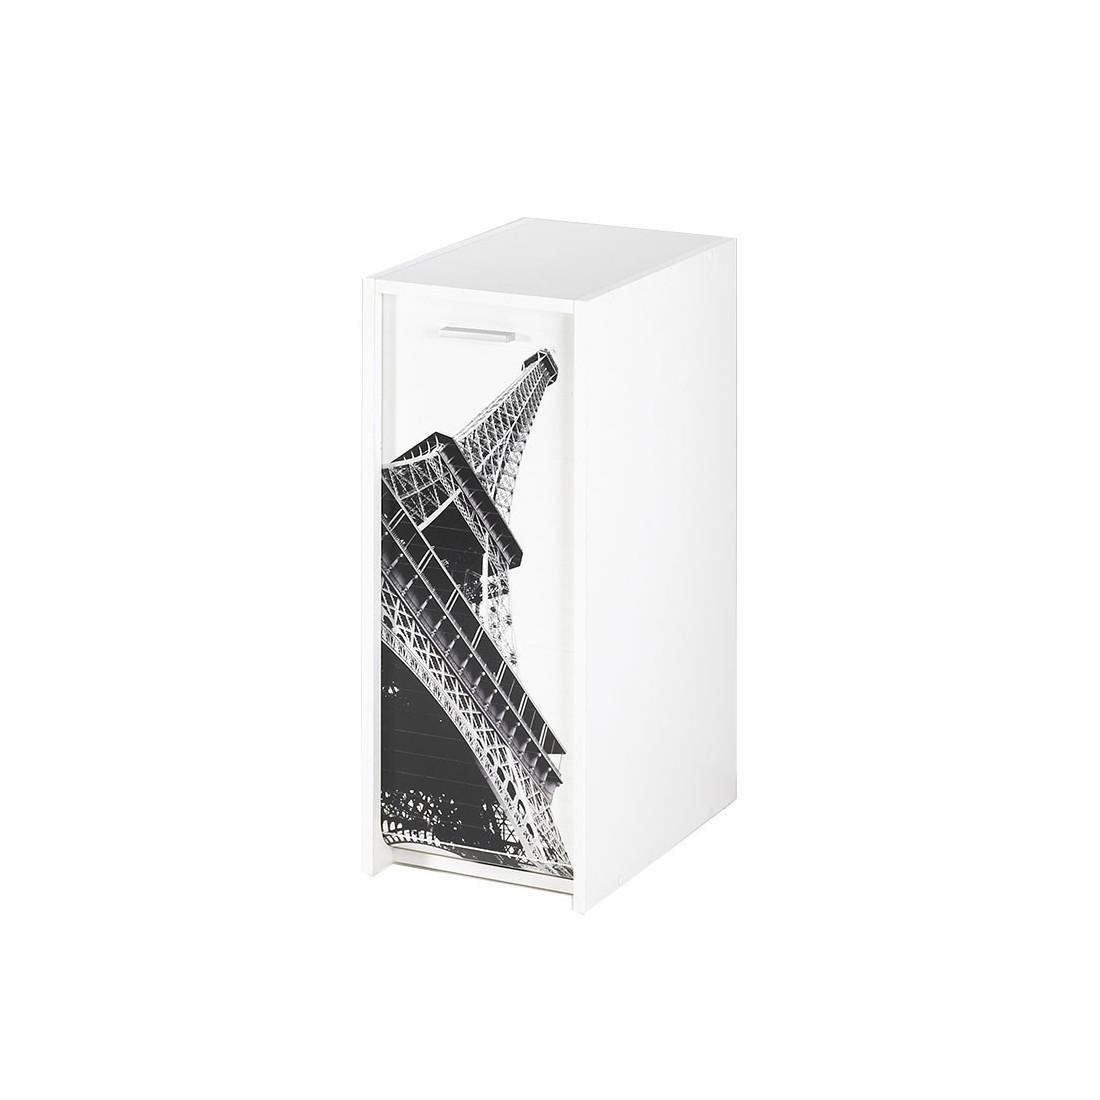 caisson rideau tour eiffel et caisson blanc jeezy n 7 univers bureau. Black Bedroom Furniture Sets. Home Design Ideas